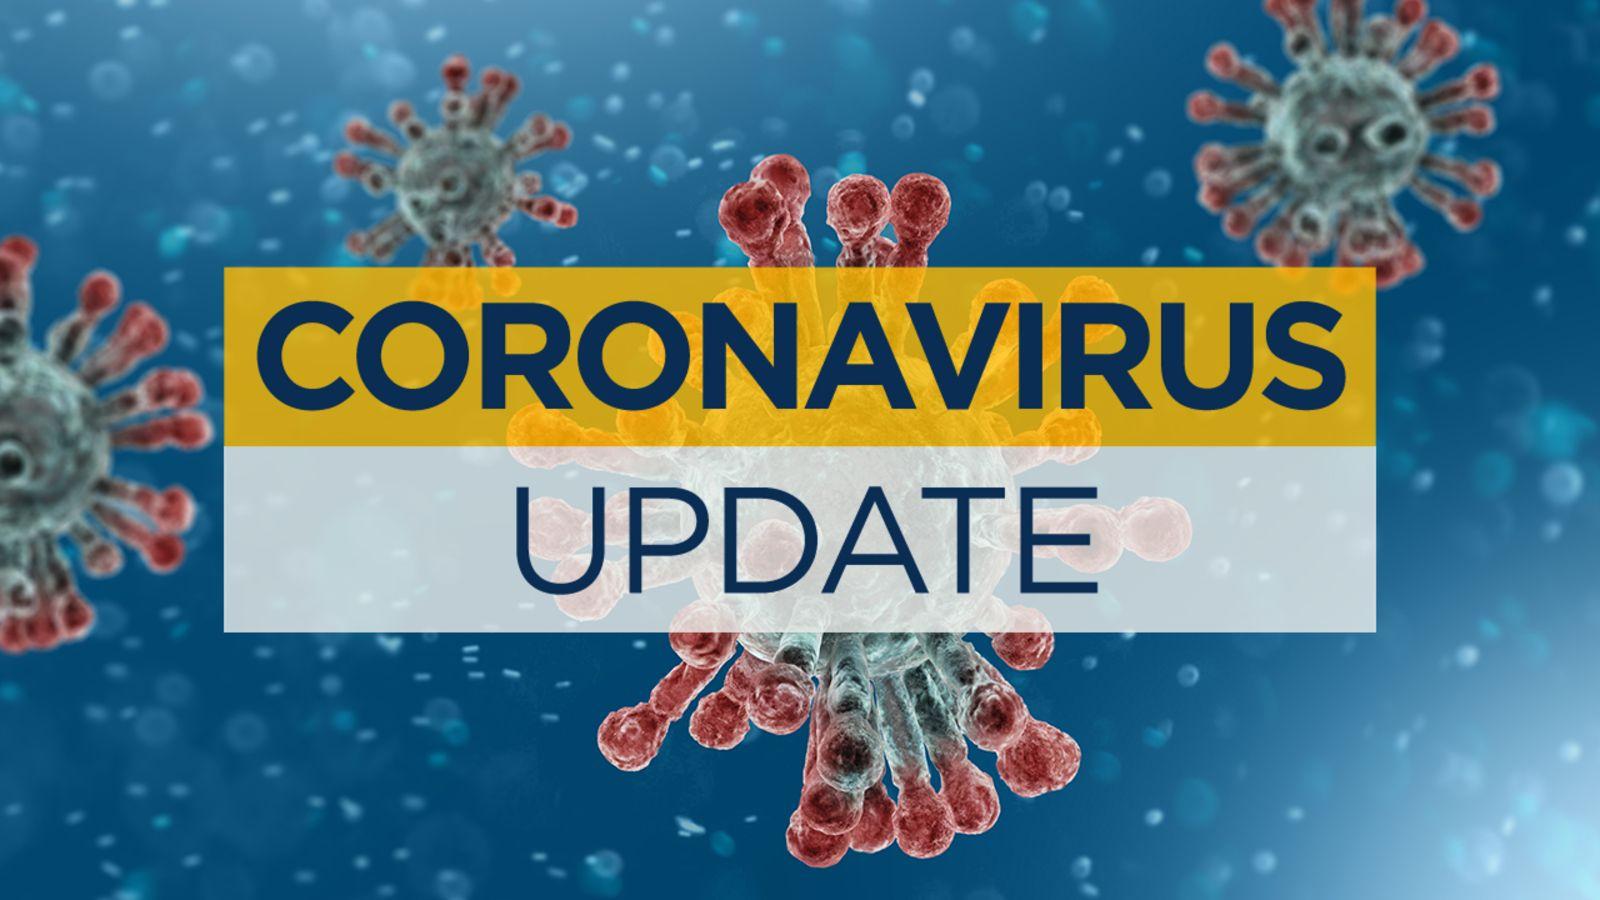 Pin on Pandemonium coronavirus